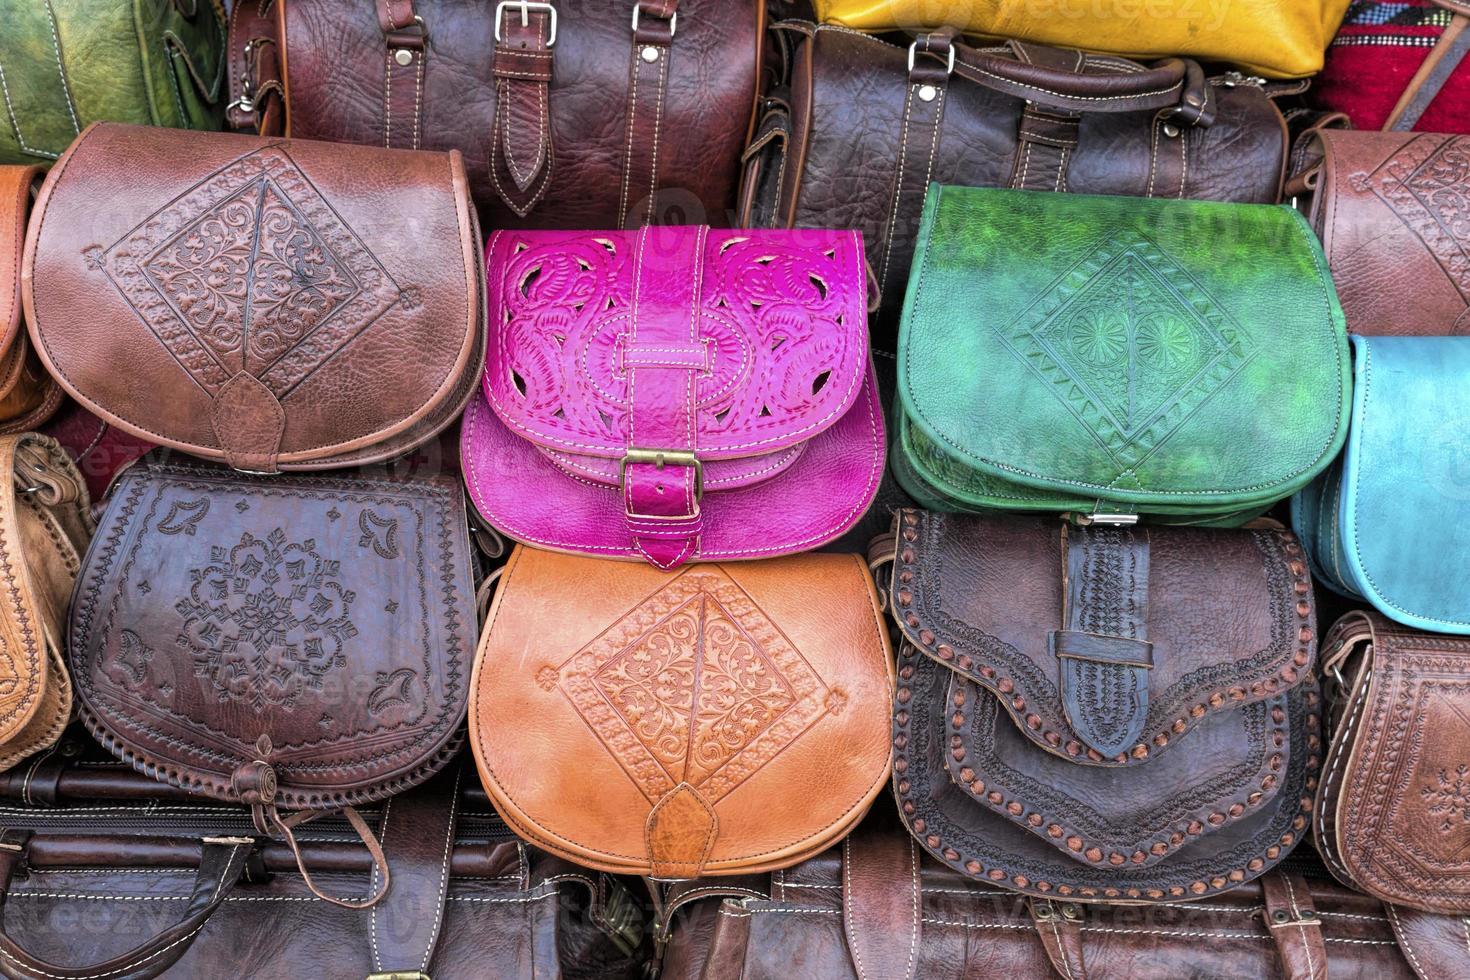 handgjorda läderväskor på en marknad i Marocko, Afrika foto